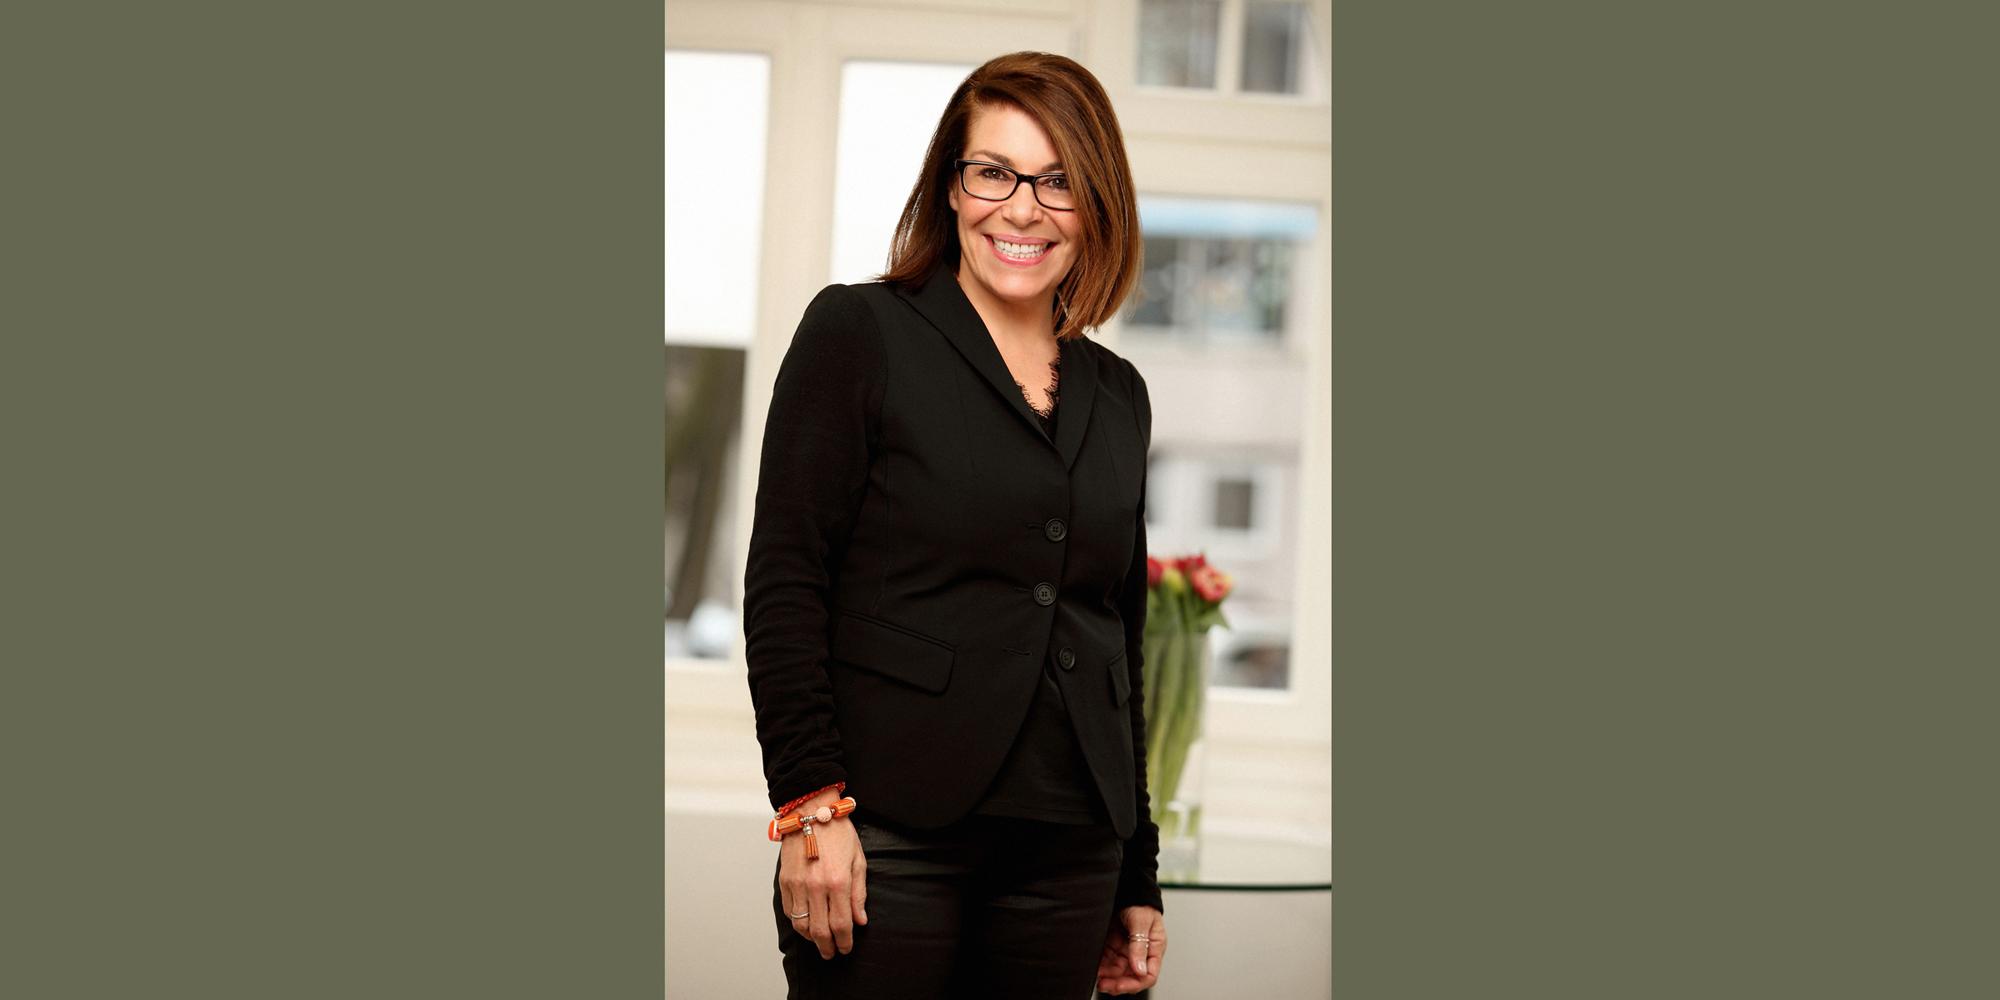 Farbportrait einer Frau mit schwarzer Brille von der Agentur Moccamedia, die stehend und breit lächelnd mit herabhängenden Armen posiert.